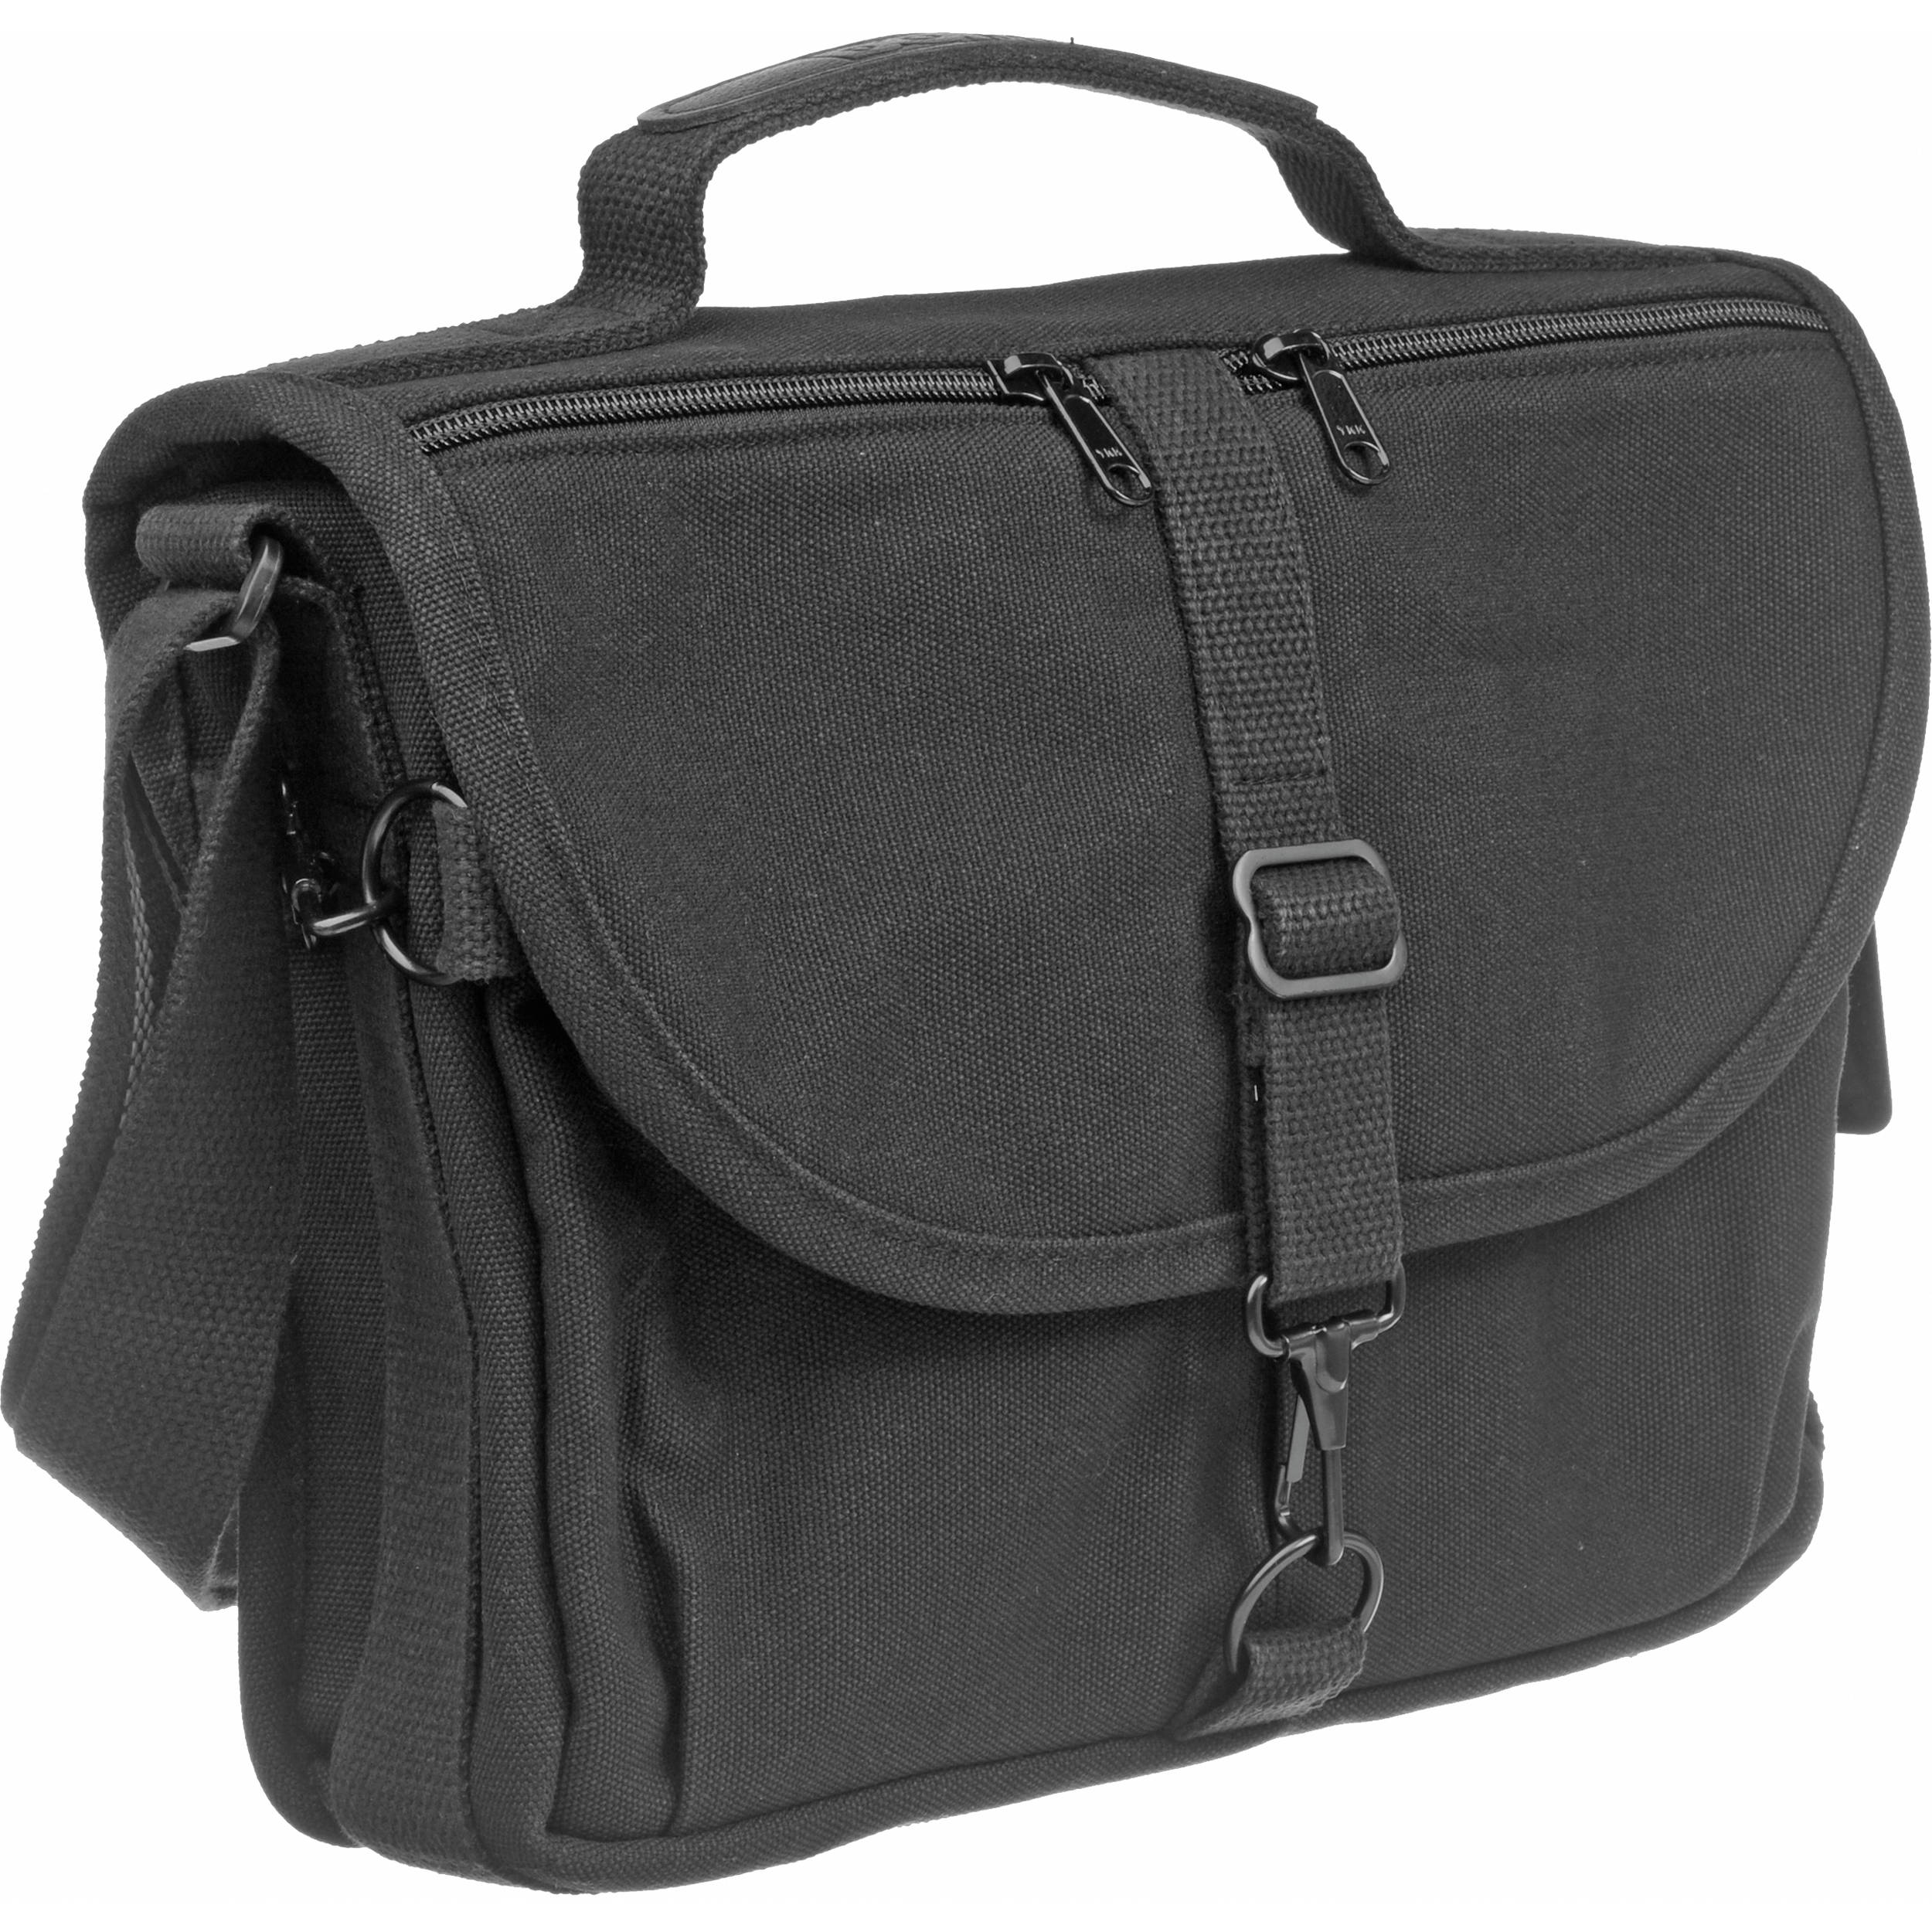 Black Satchel Shoulder Bag 54